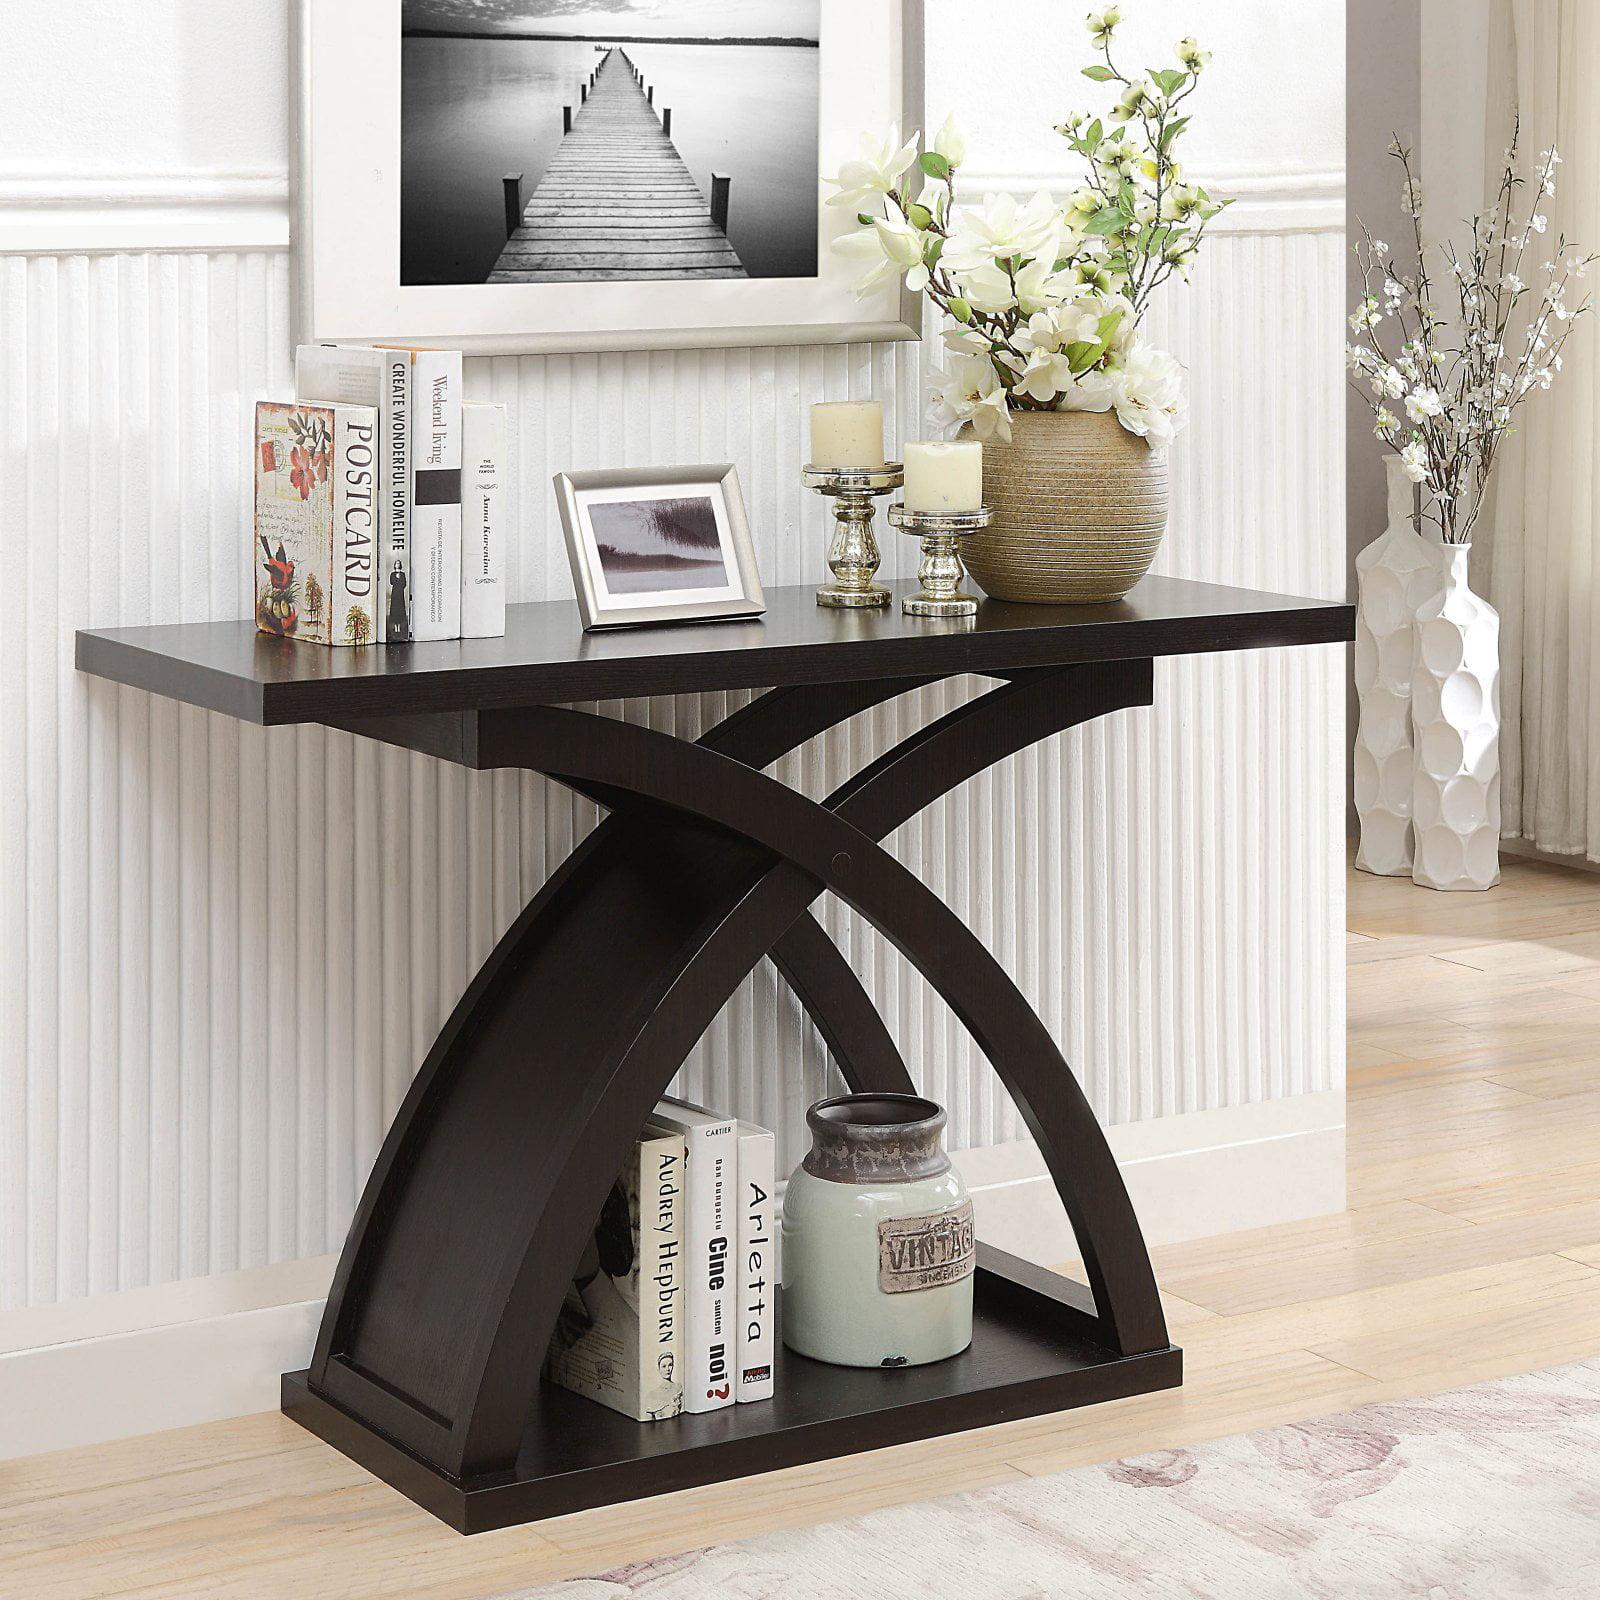 Furniture of America Leonard Sofa Console Table